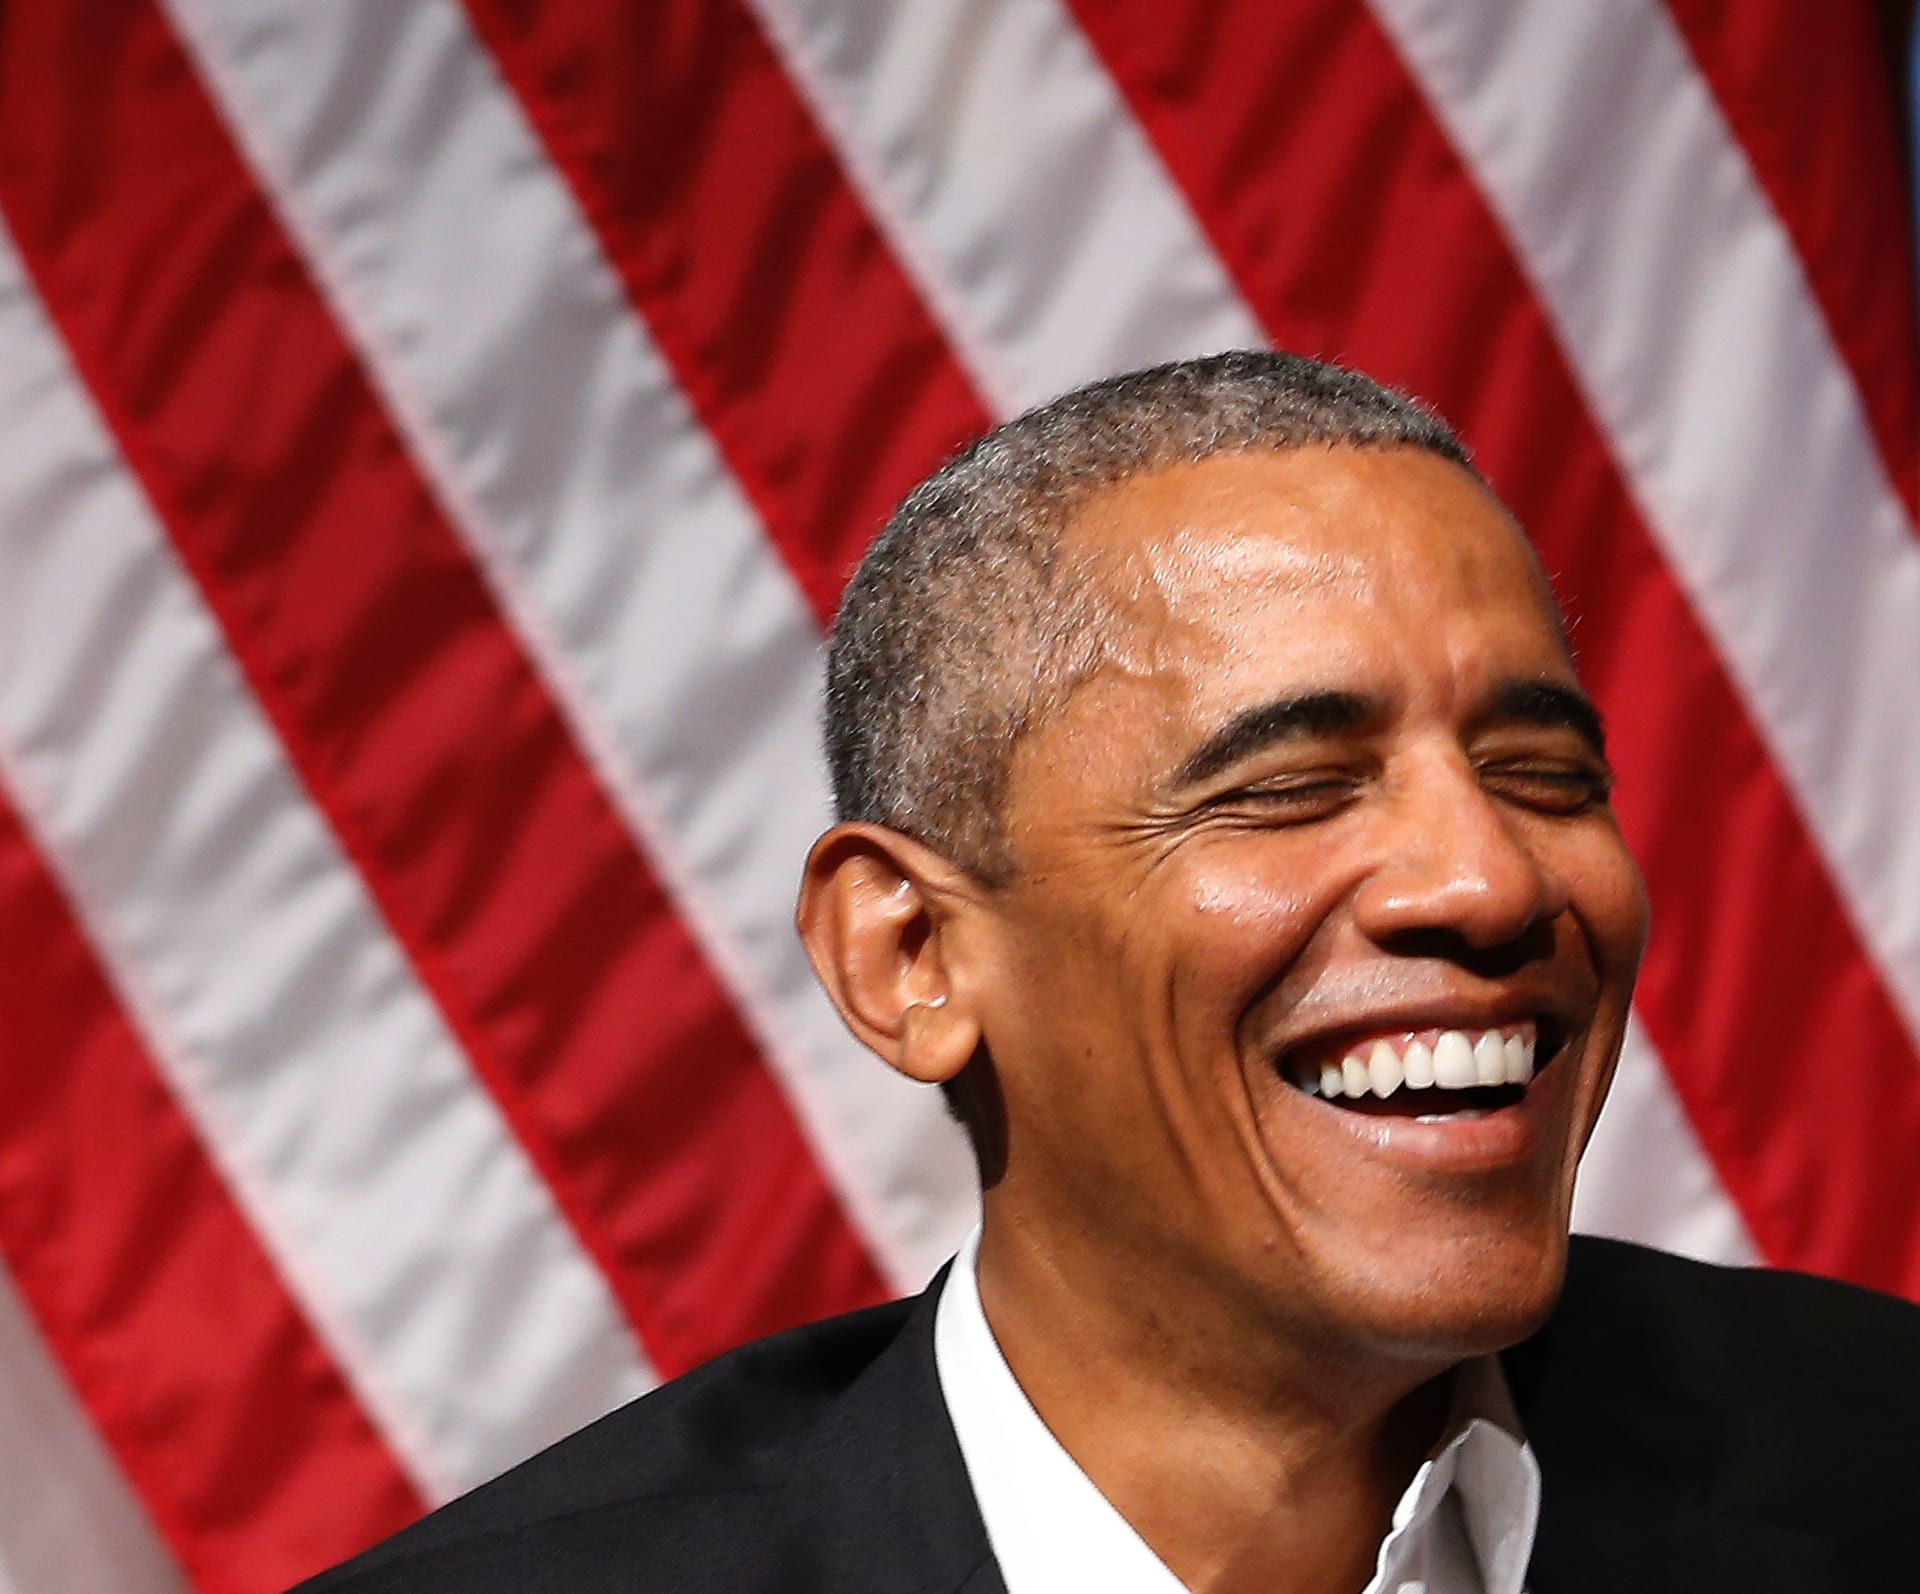 ضابط سابق مؤيد لترامب: شهادة ميلاد أوباما بأمريكا مزورة